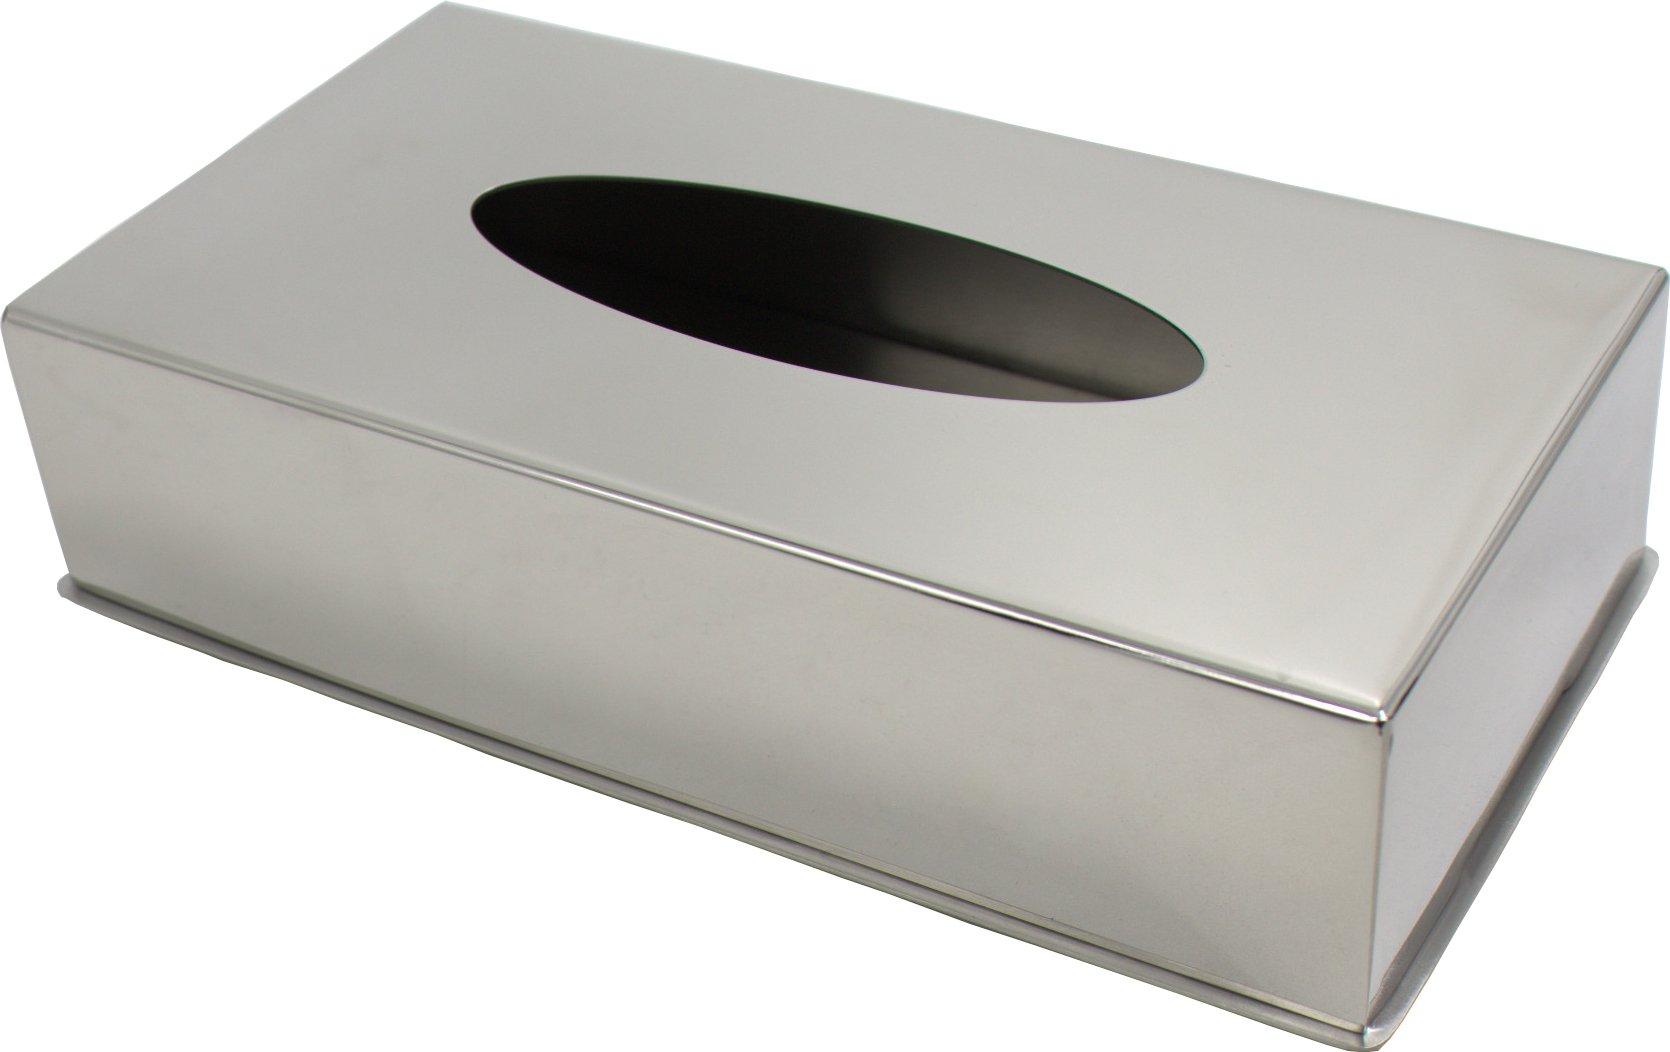 Baohao stainless steel rectangle napkin box napkin box 8.58''x4.57''x2.05''